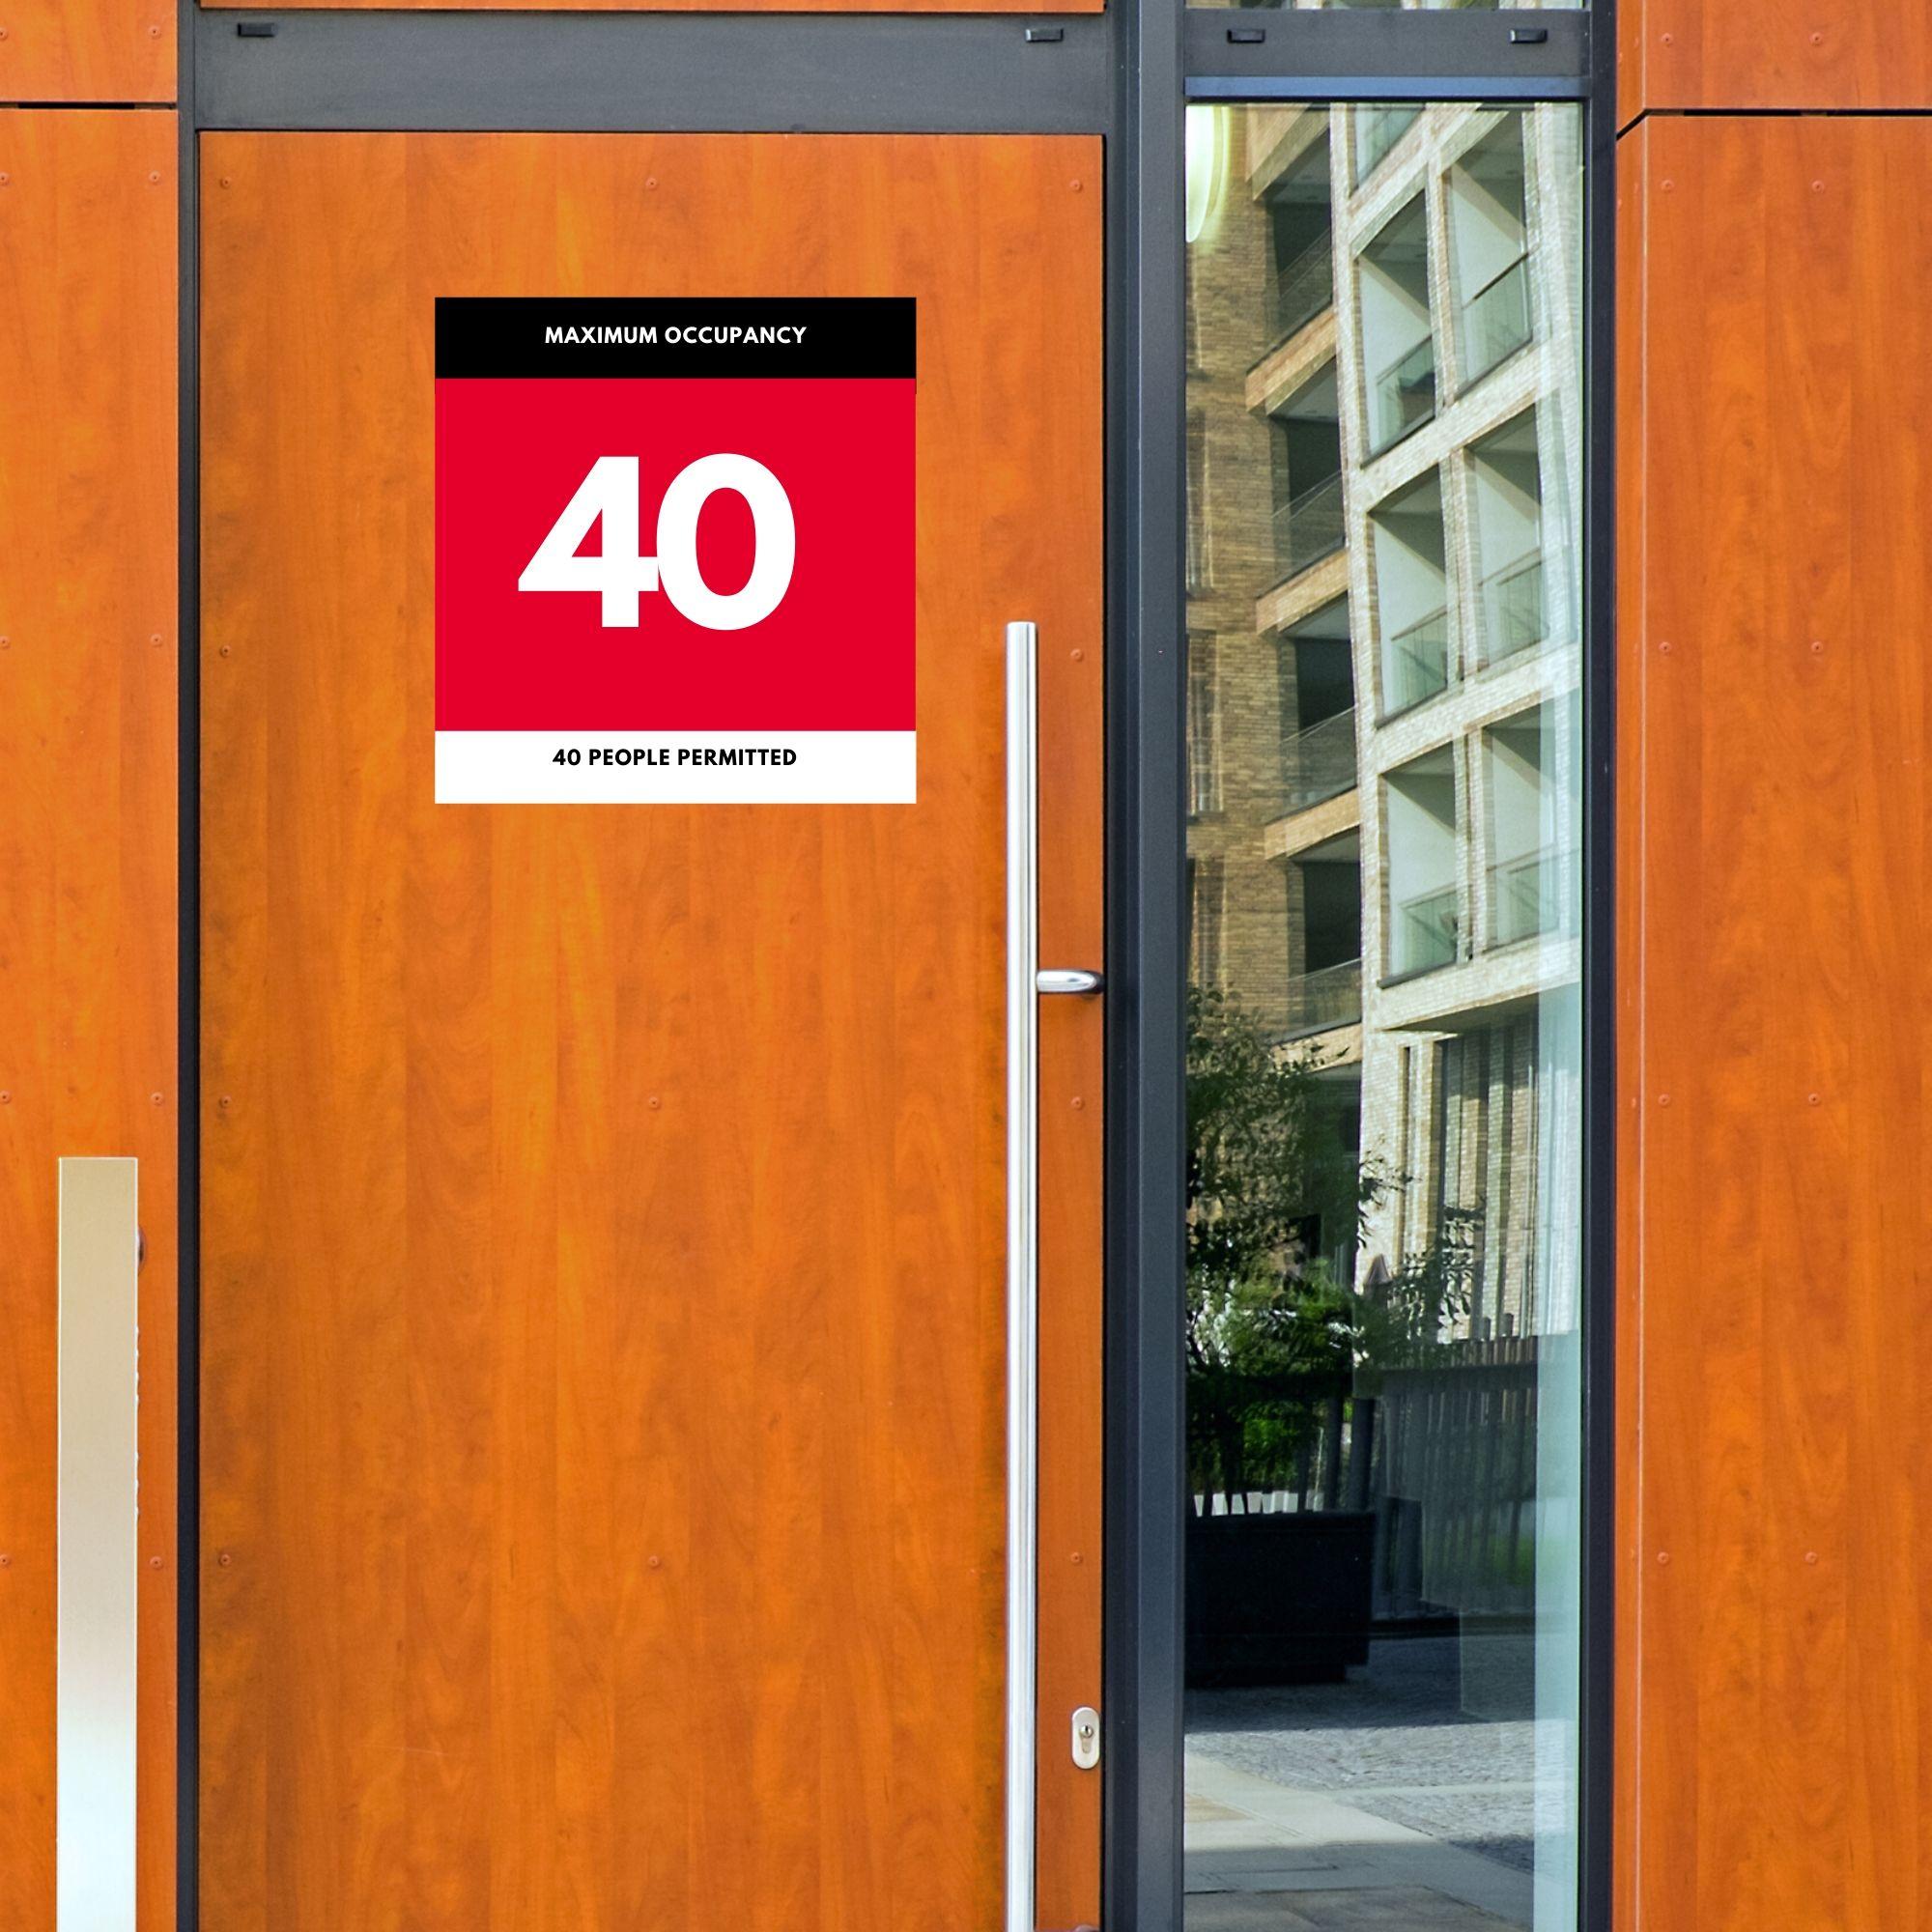 Maximum Occupancy Room Sign 40